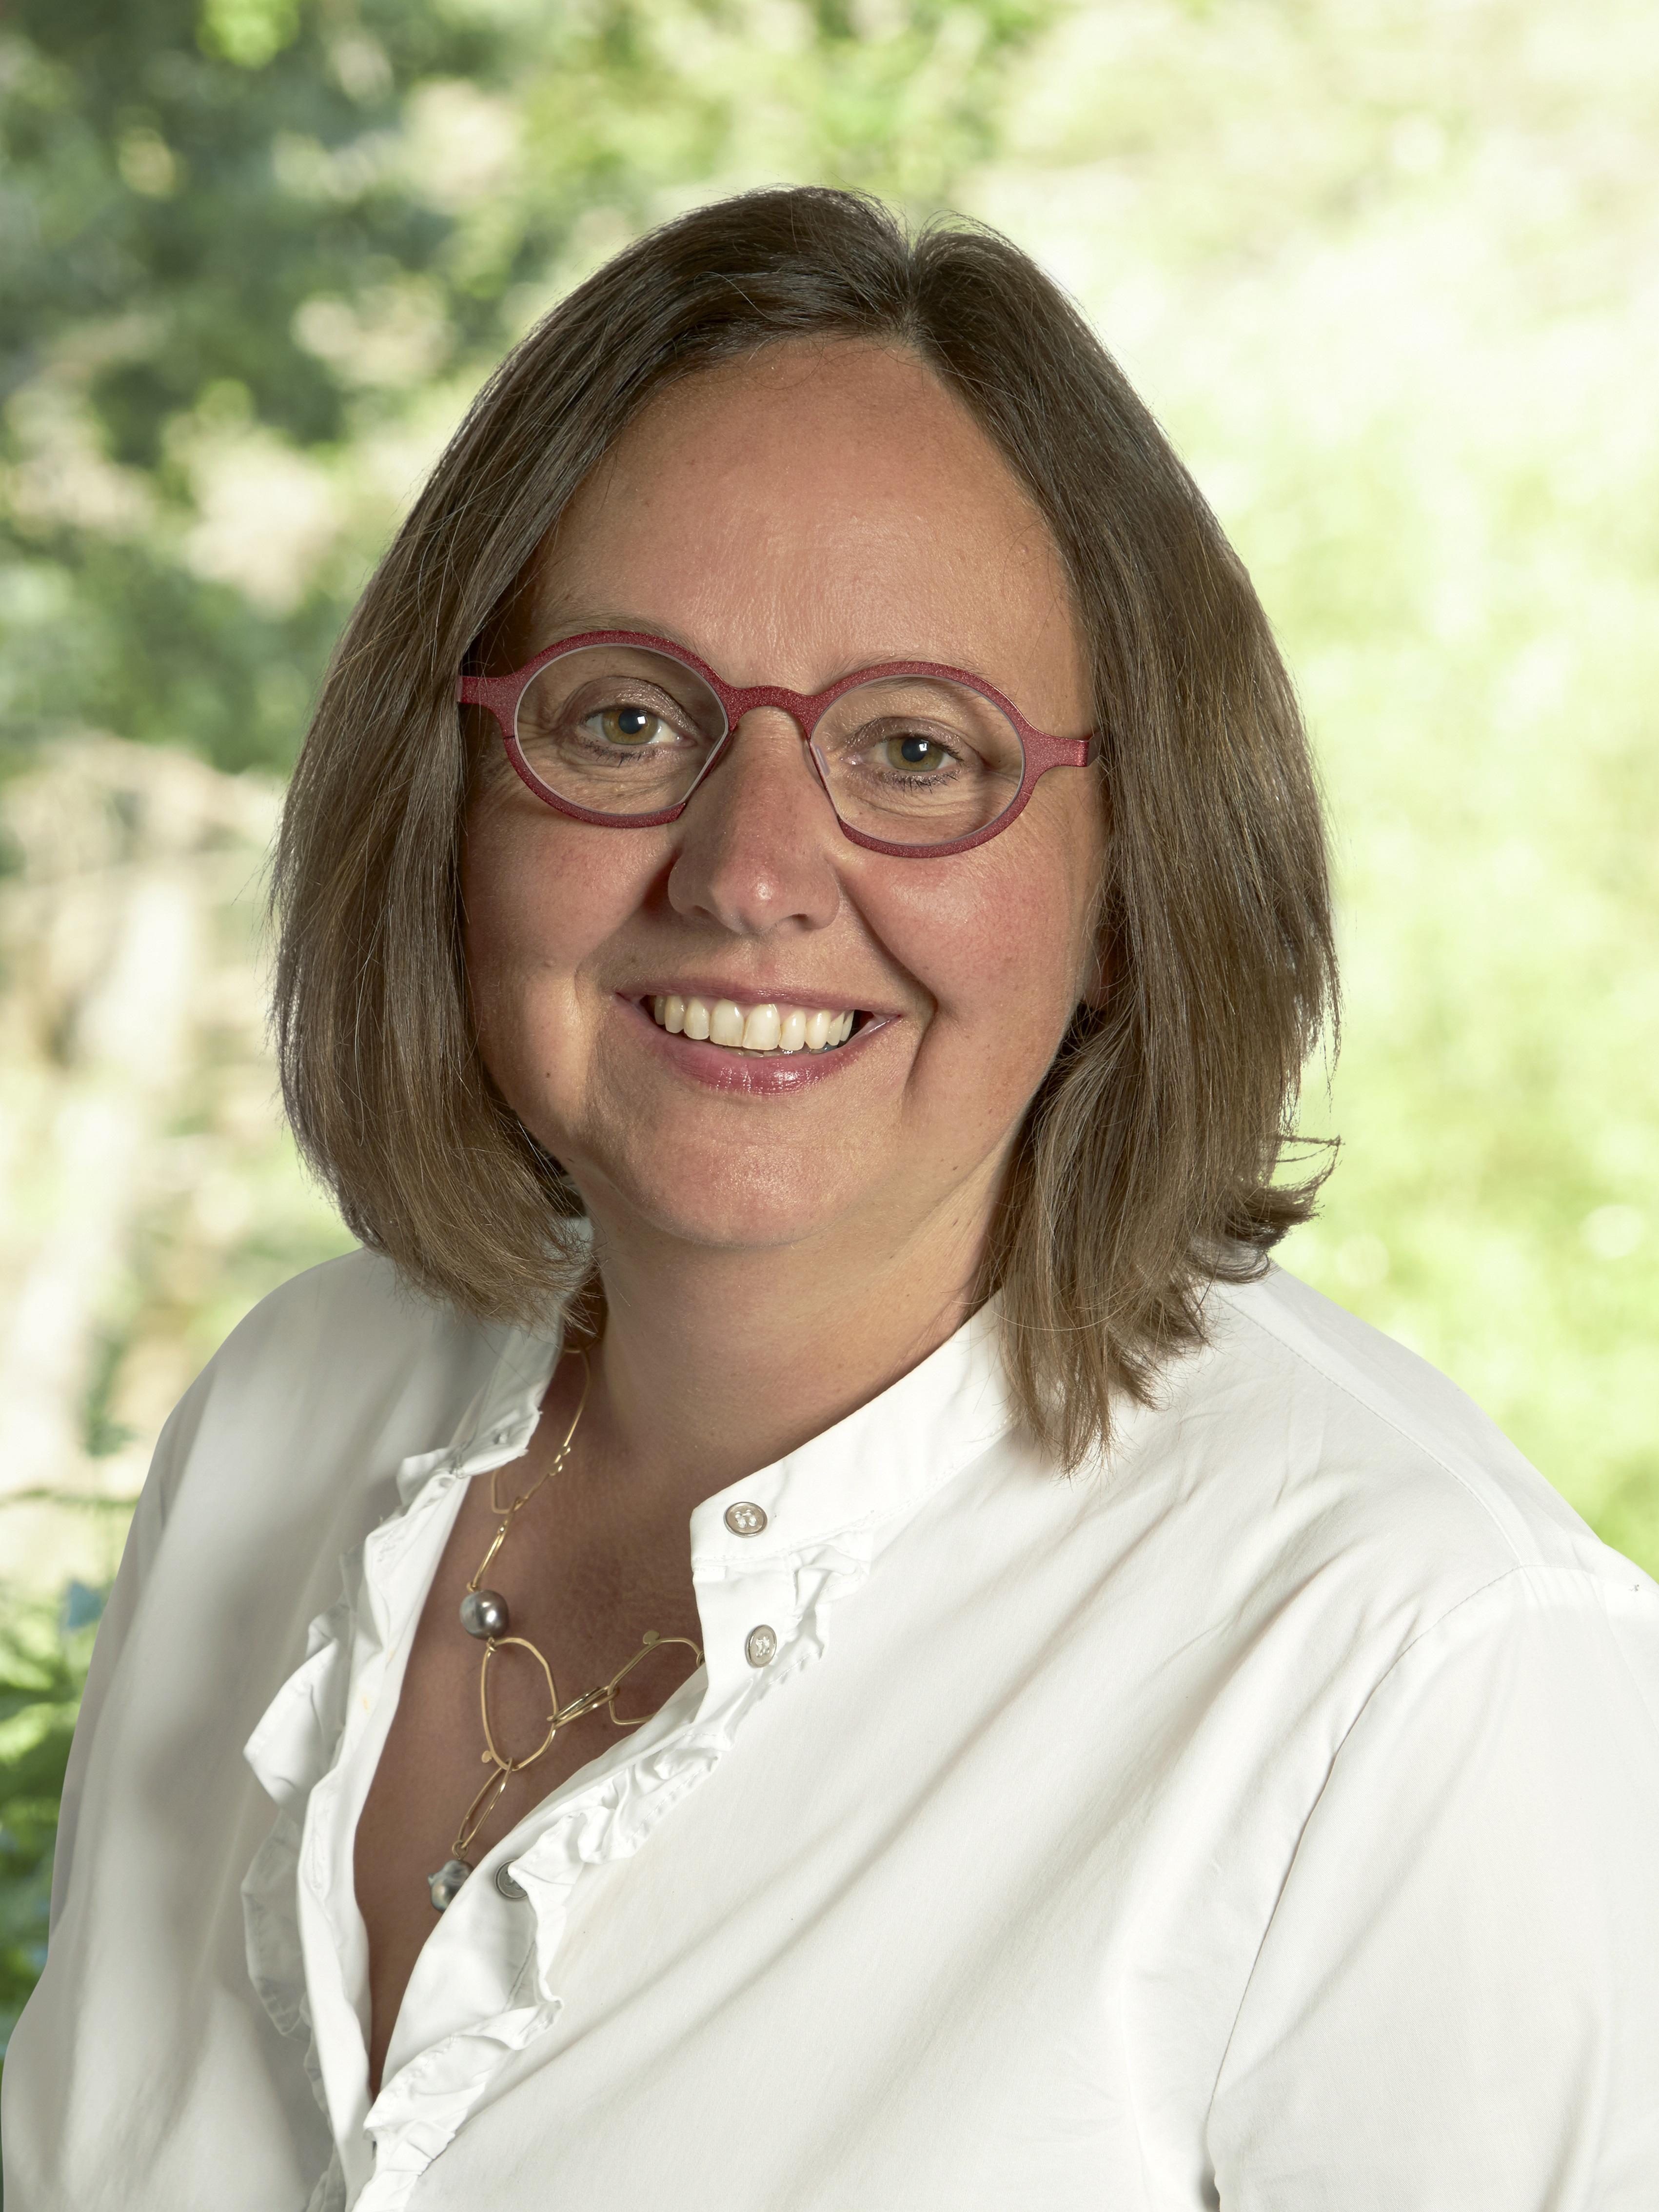 Karen Aagaard